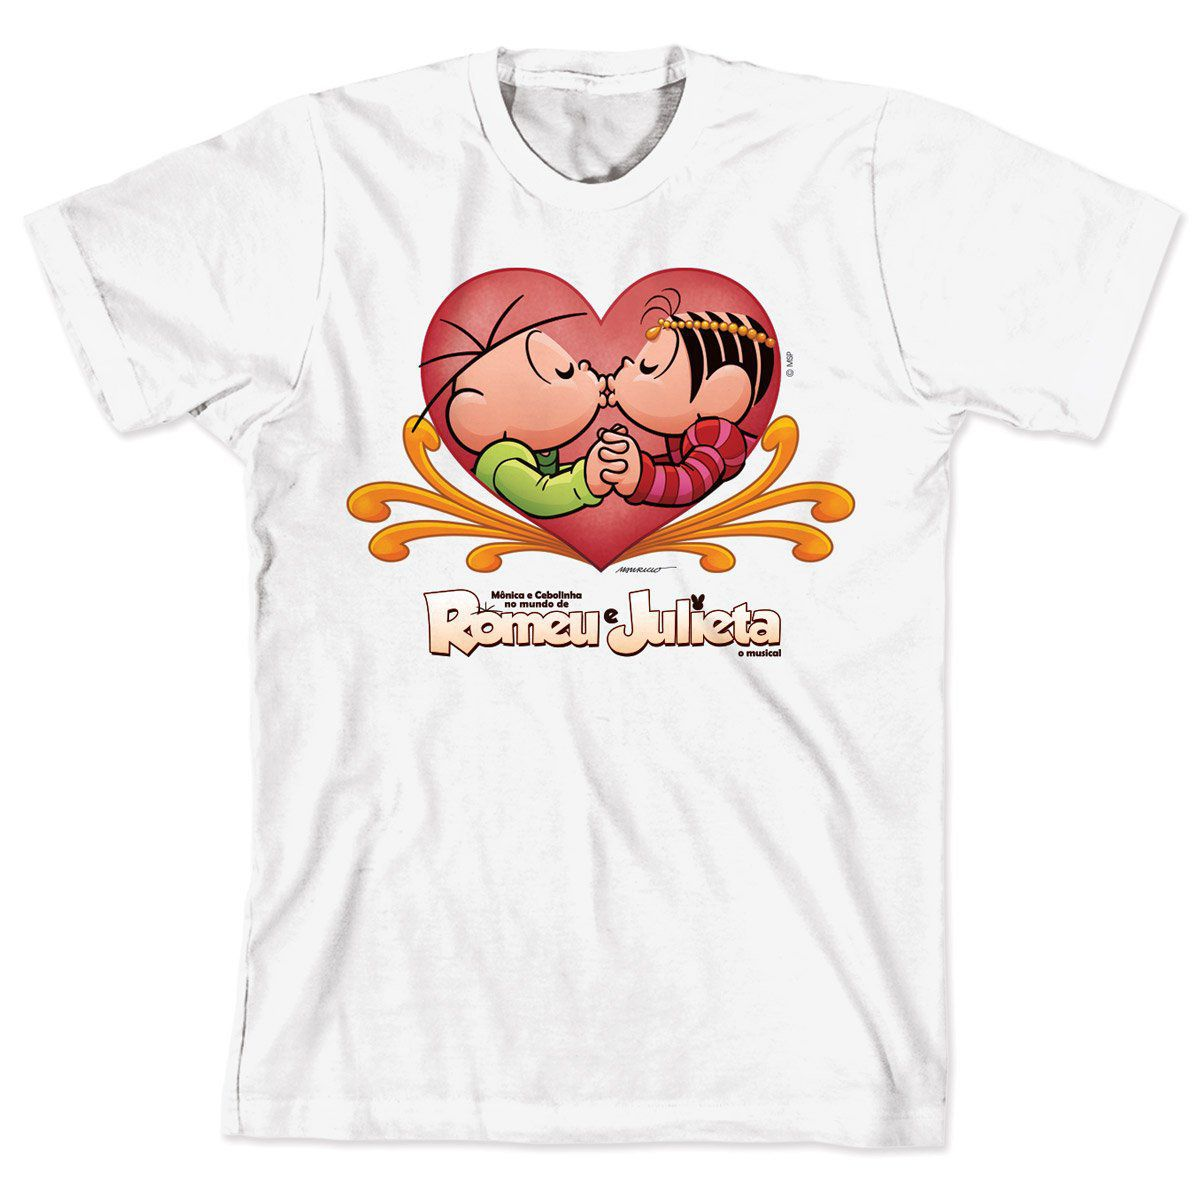 Camiseta Turma da Mônica - Mônica e Cebolinha no Mundo de Romeu e Julieta